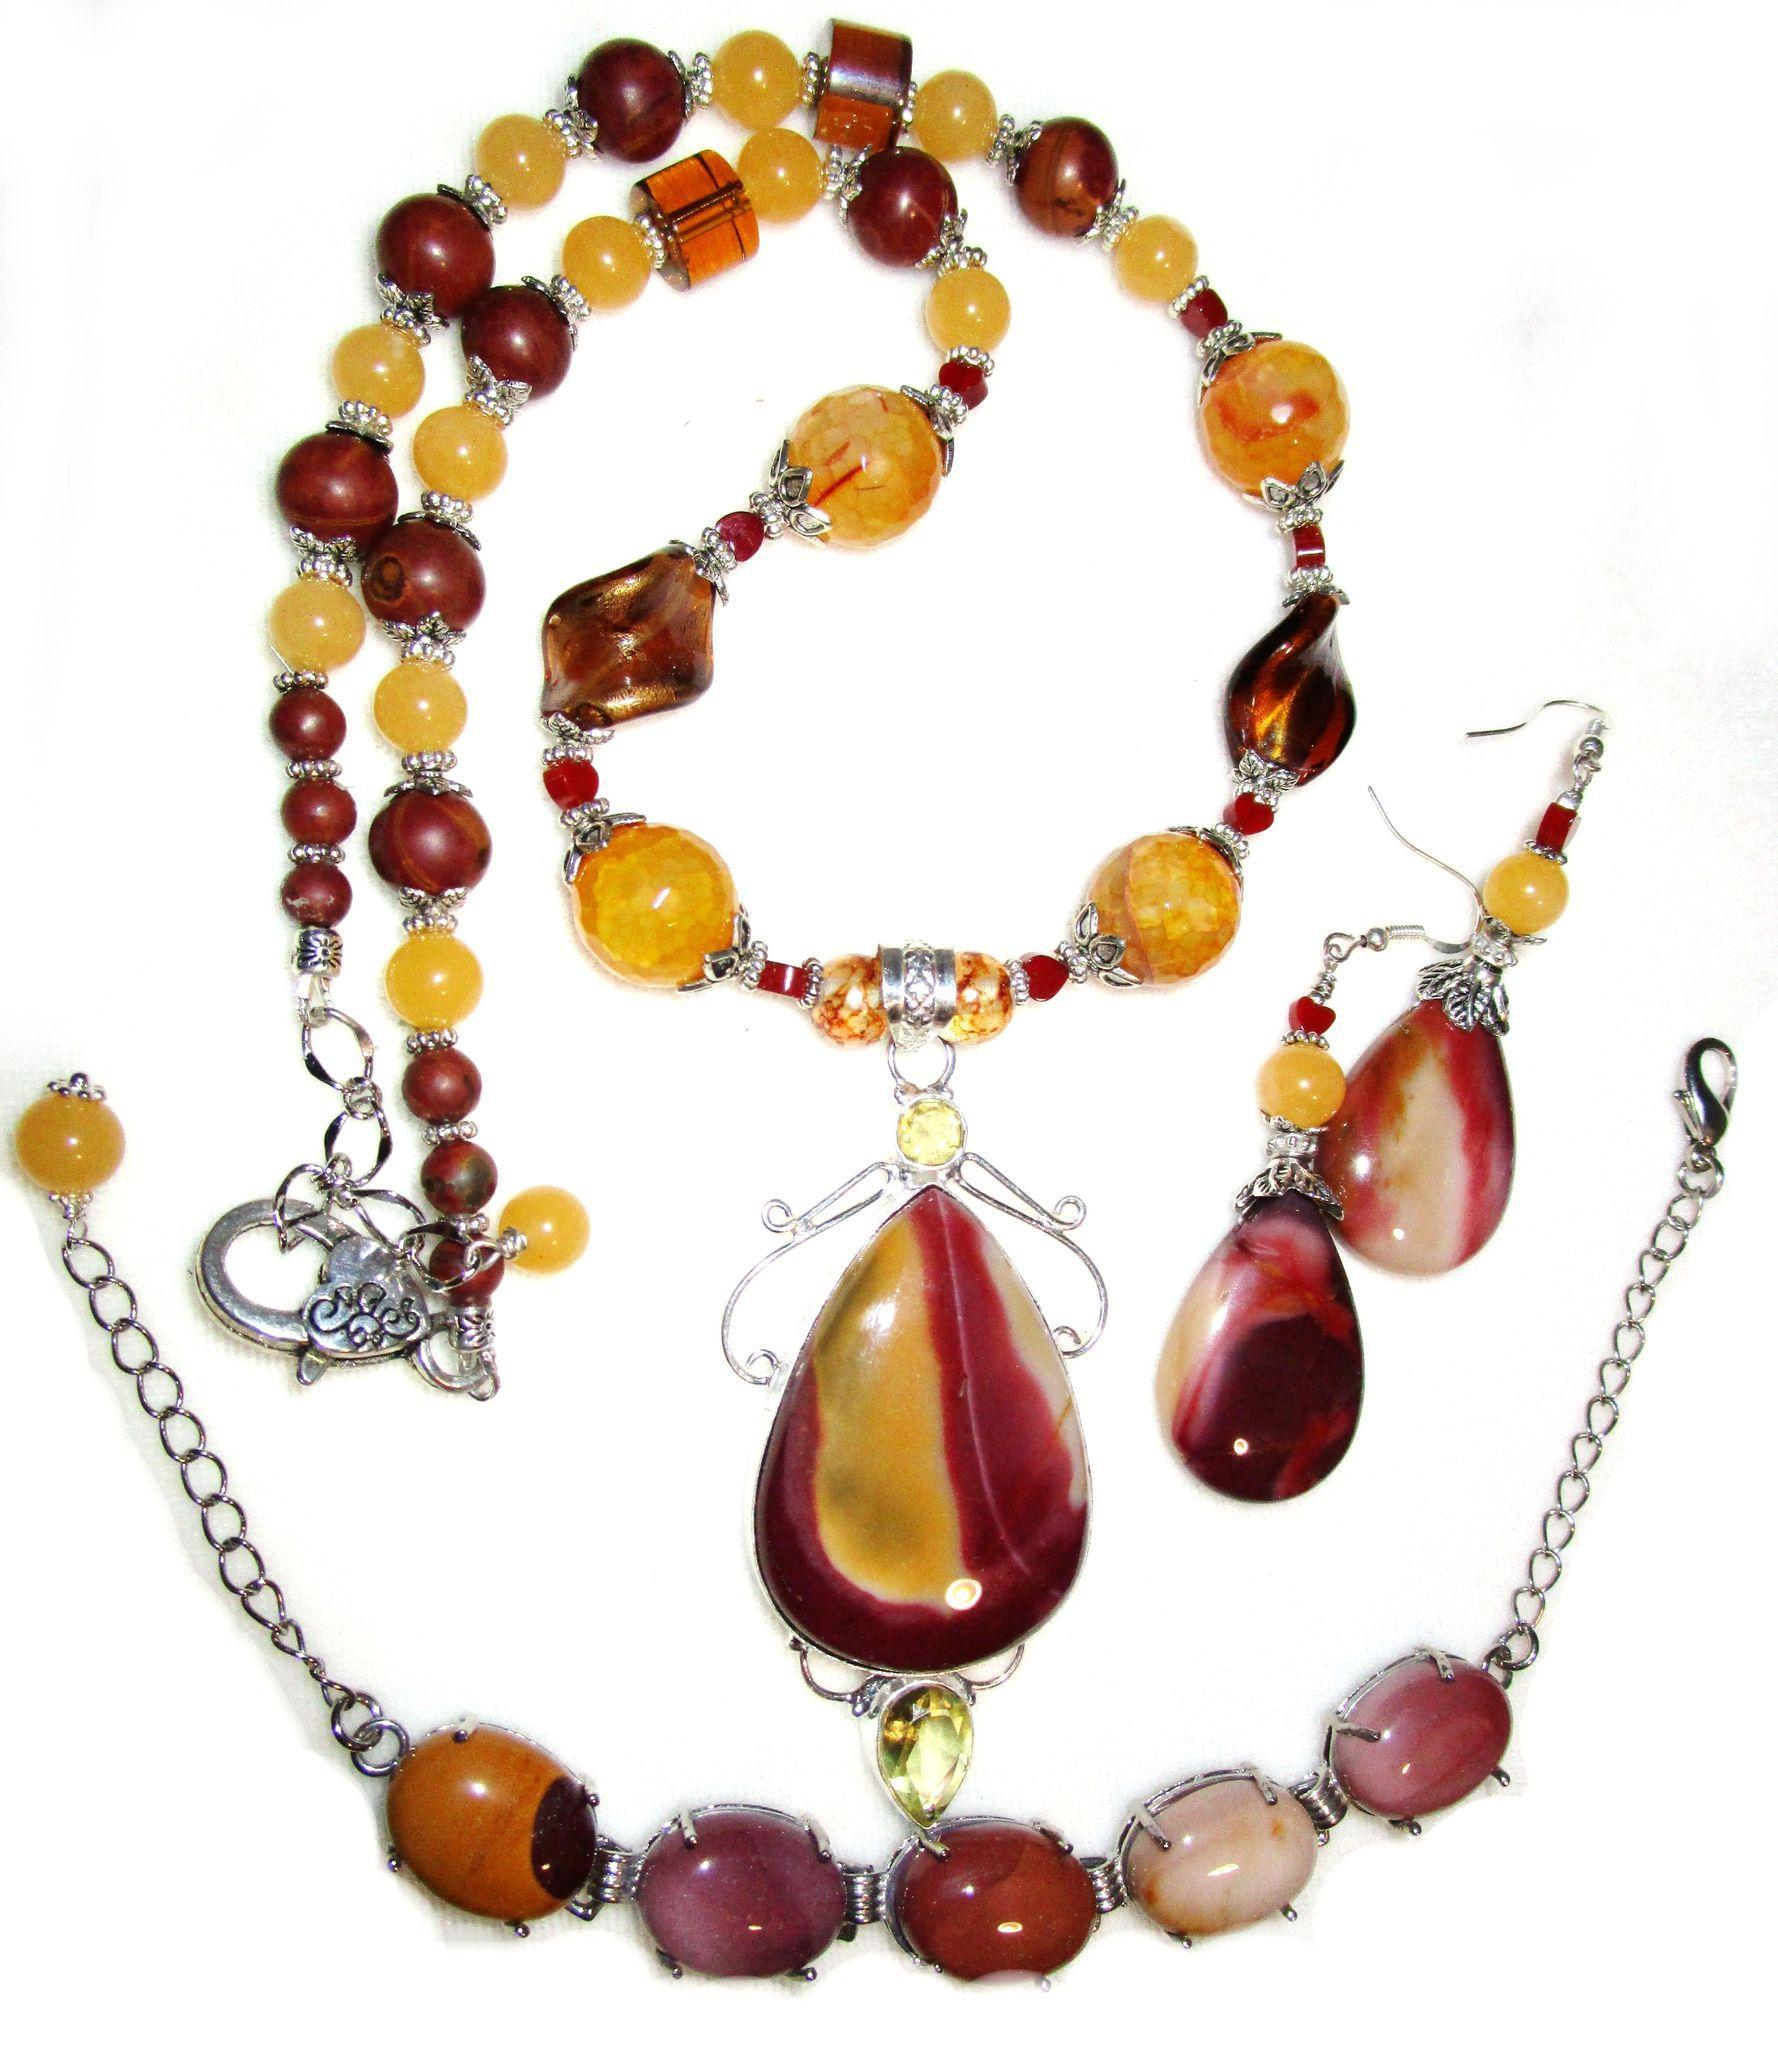 Mookaite/Citrine Necklace, Bracelet, Earring Set